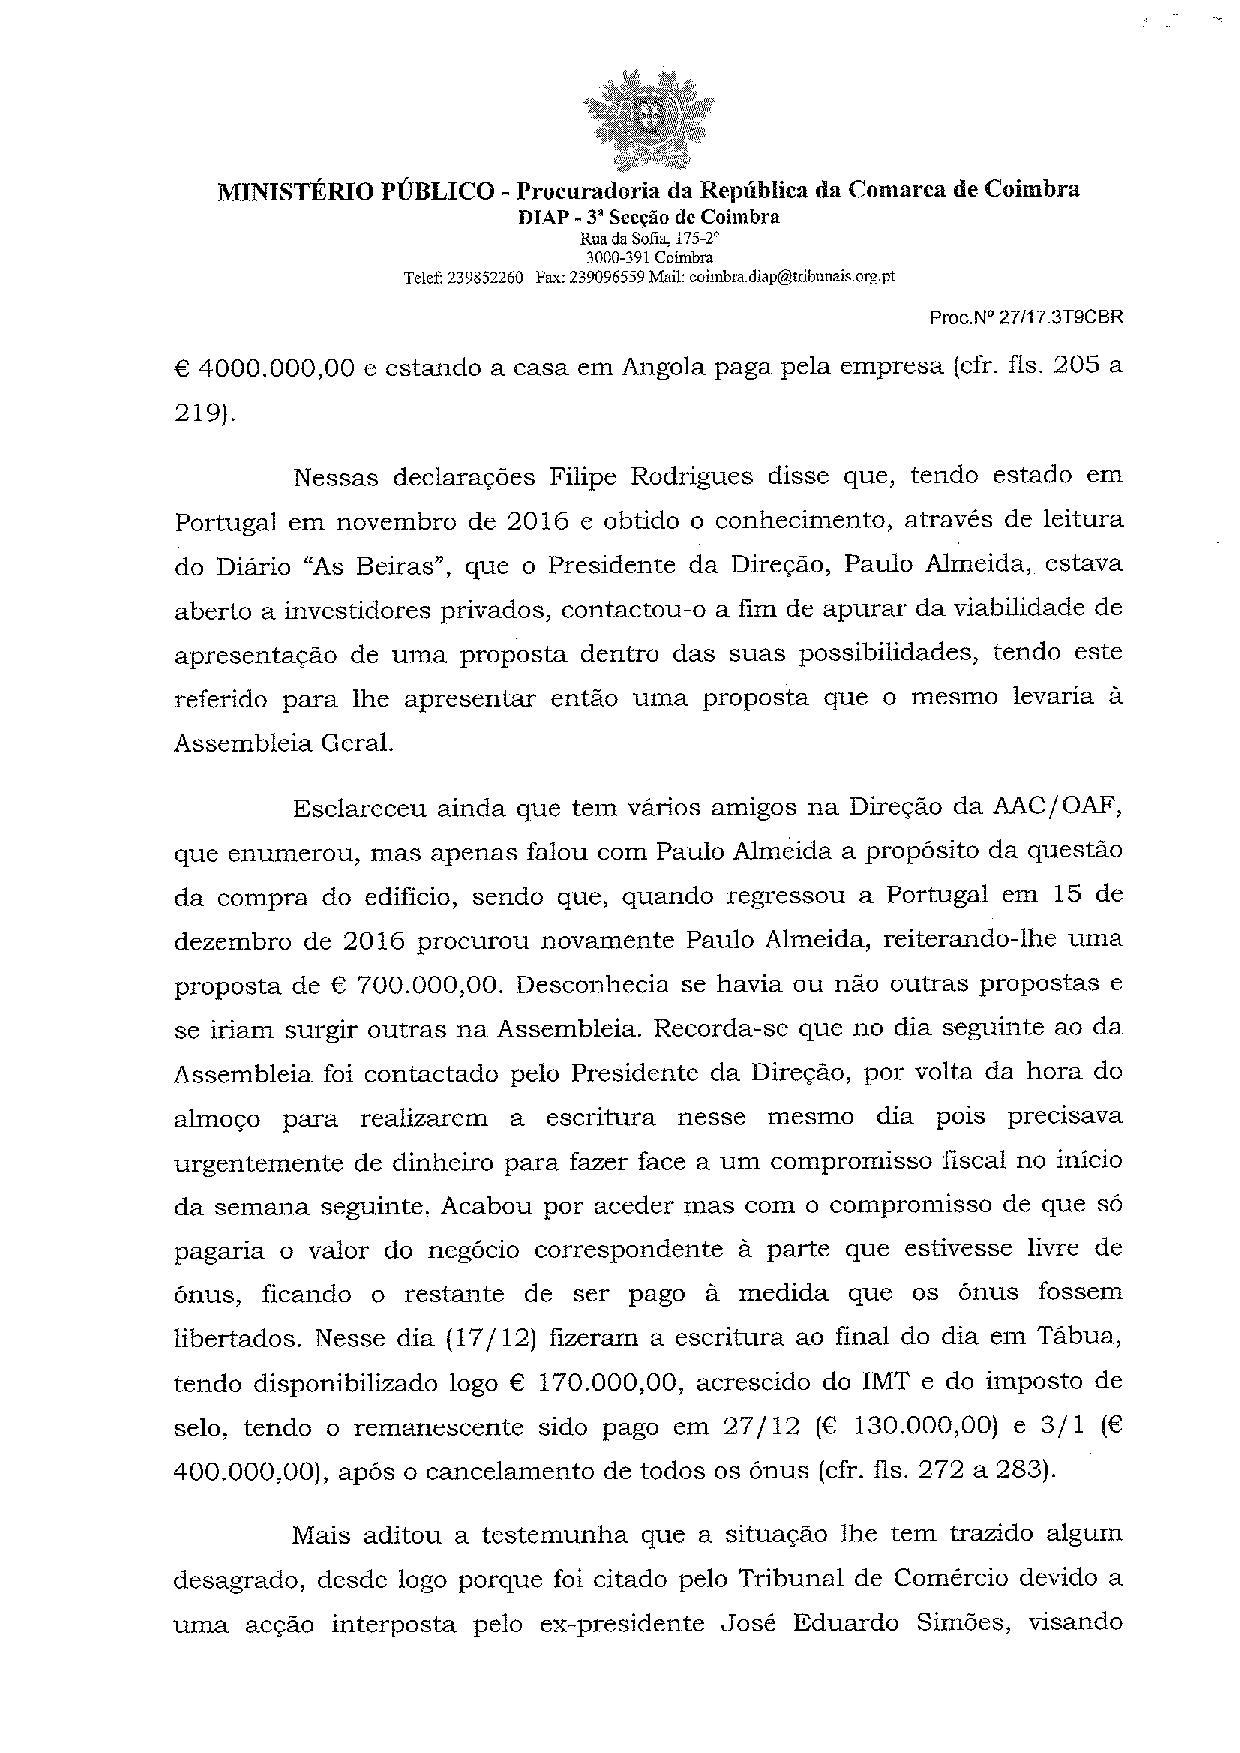 ACA-page-017